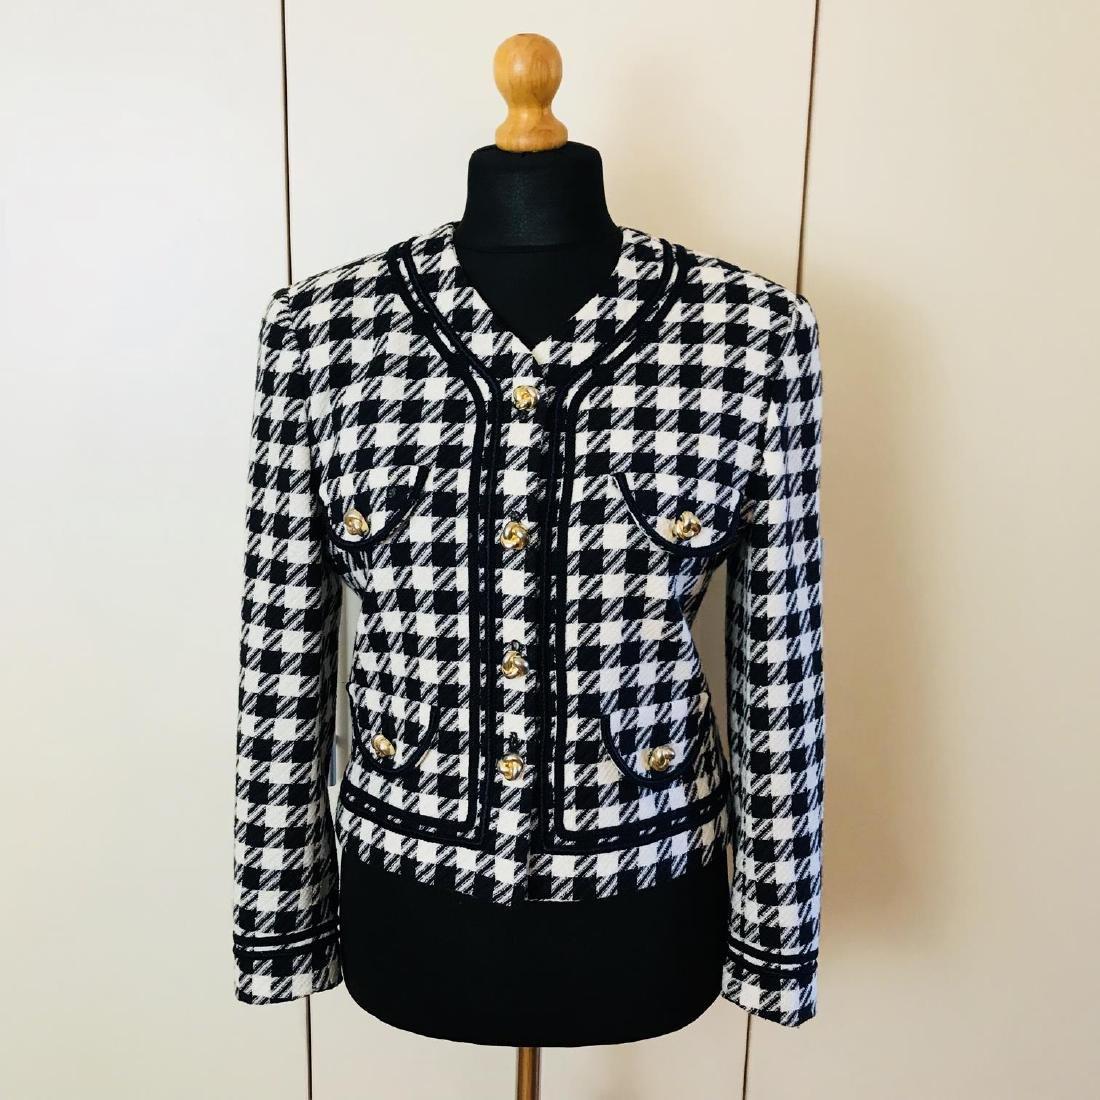 Vintage Women's ESCADA Designer Jacket Blazer Size EUR